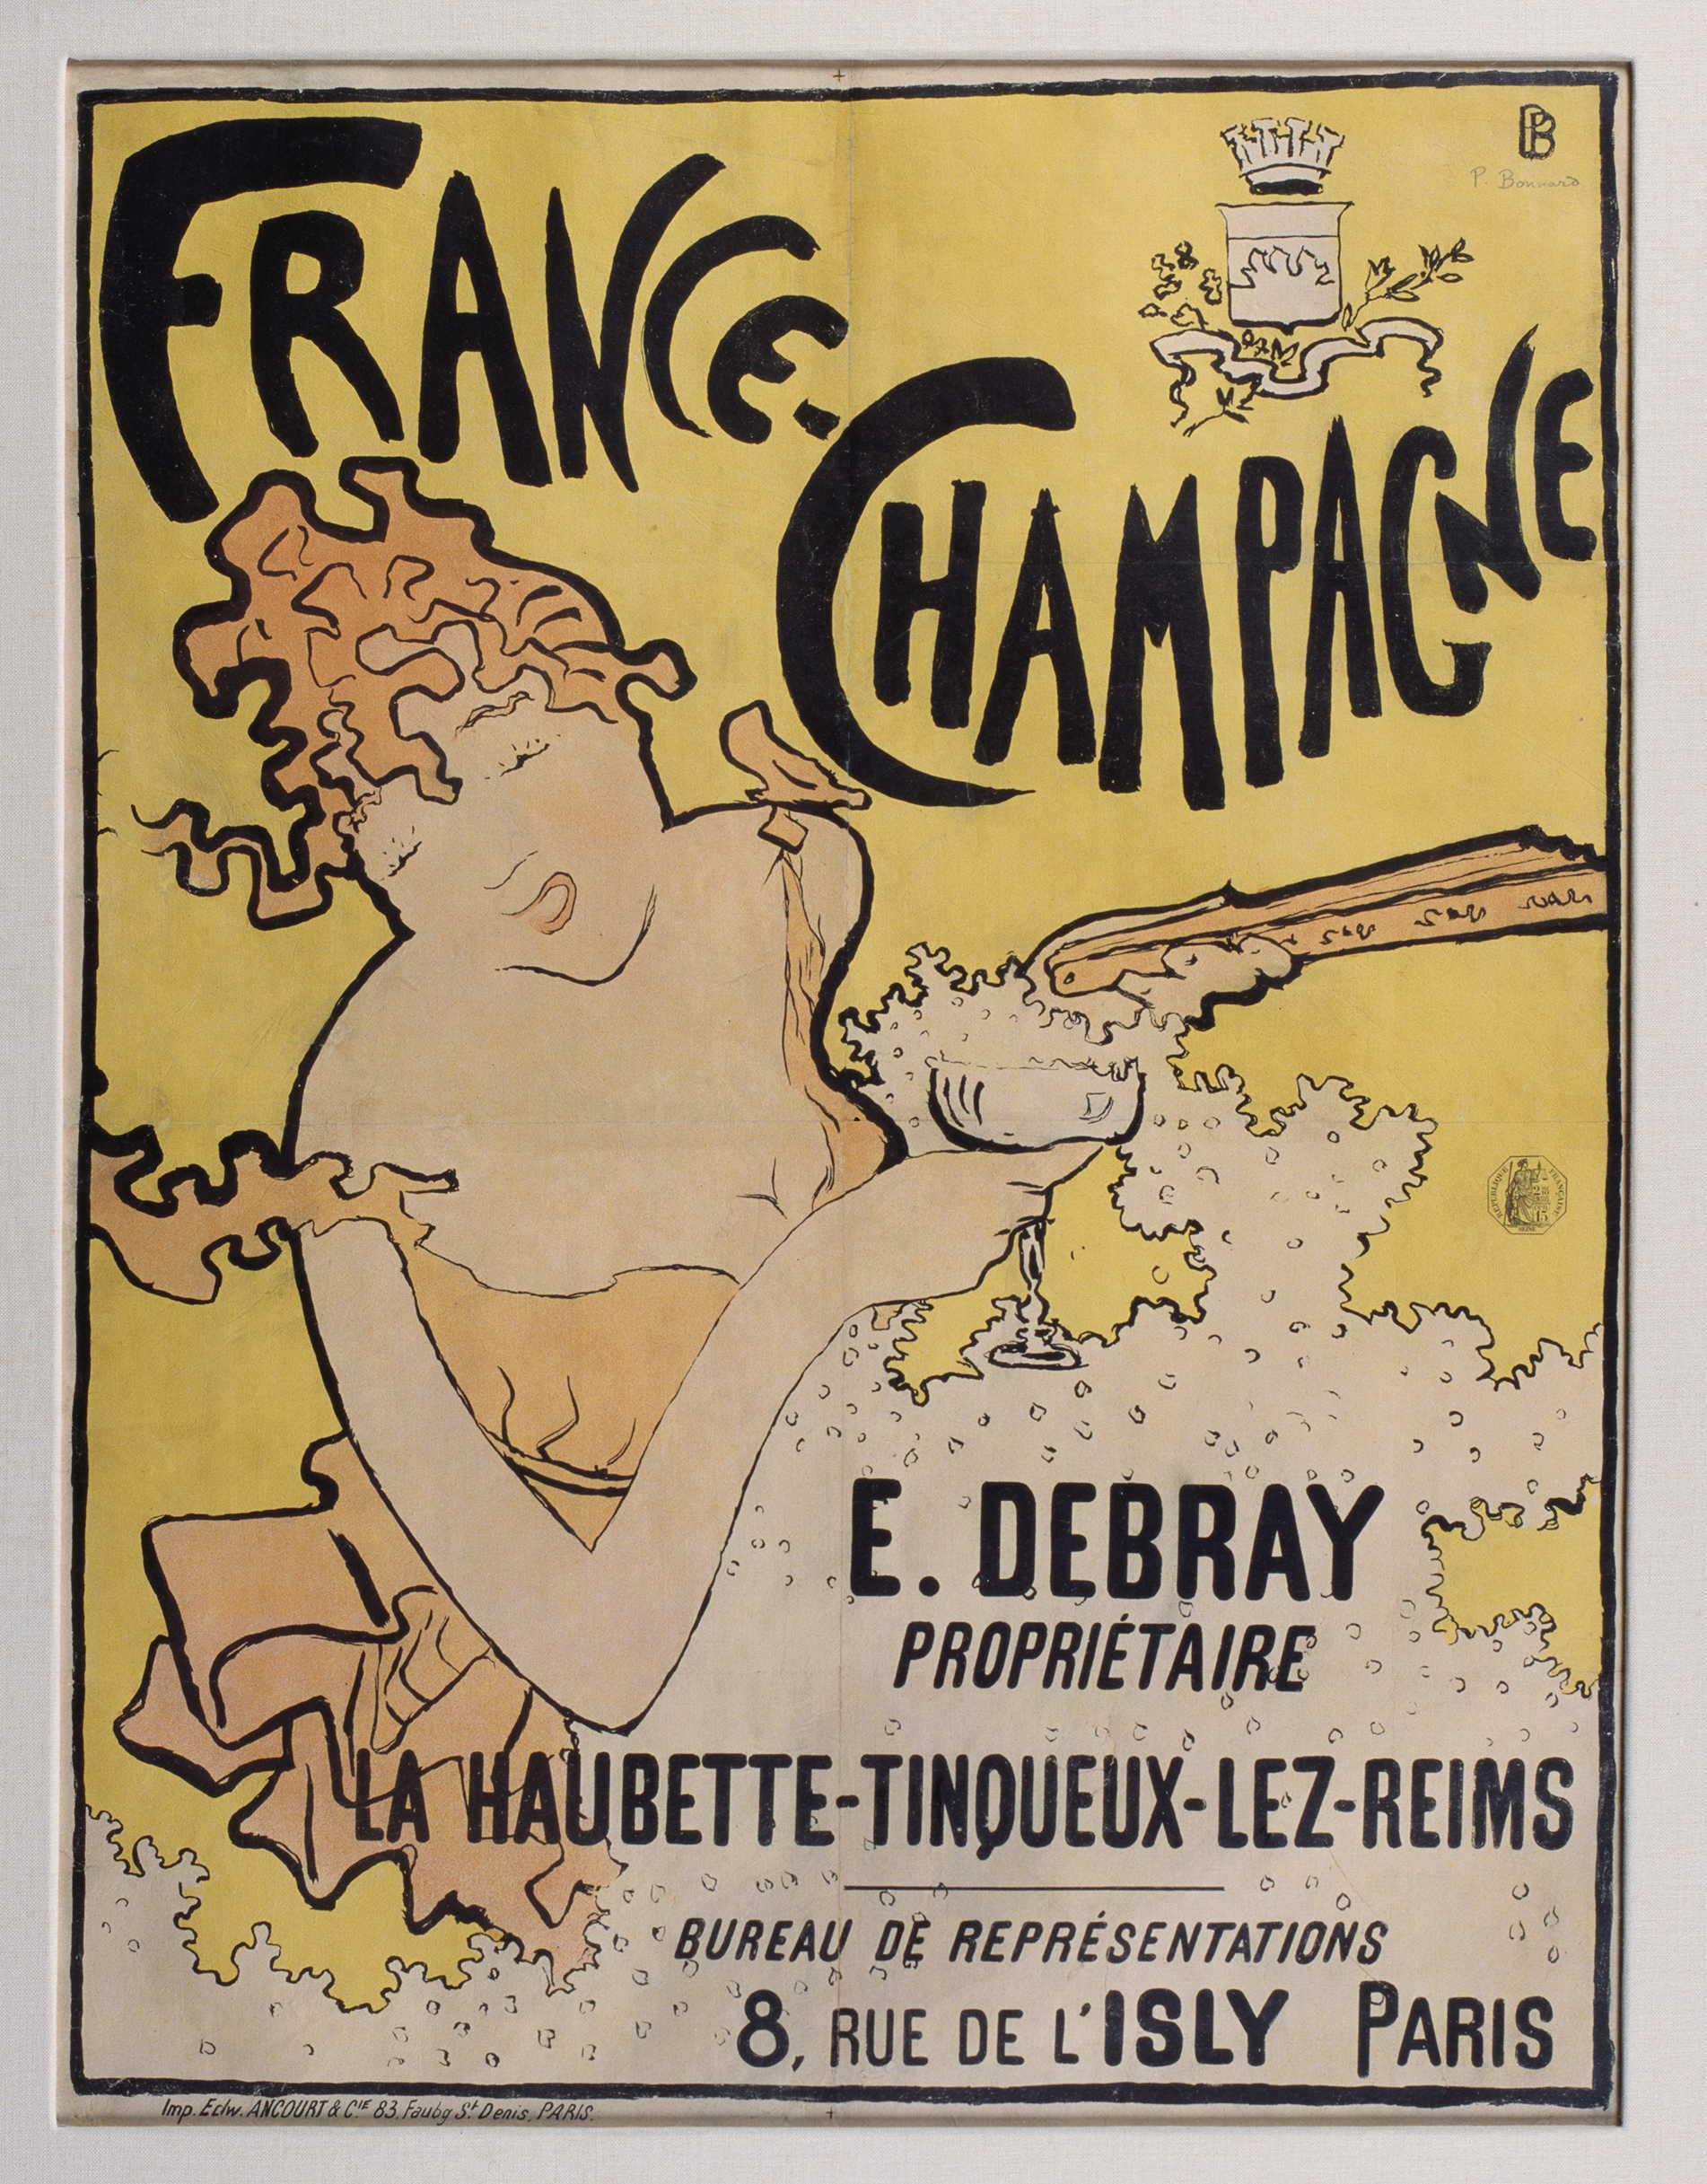 ピエール・ボナール《フランス=シャンパーニュ》1891年 多色刷りリトグラフ 78×50cm  川崎市市民ミュージアム